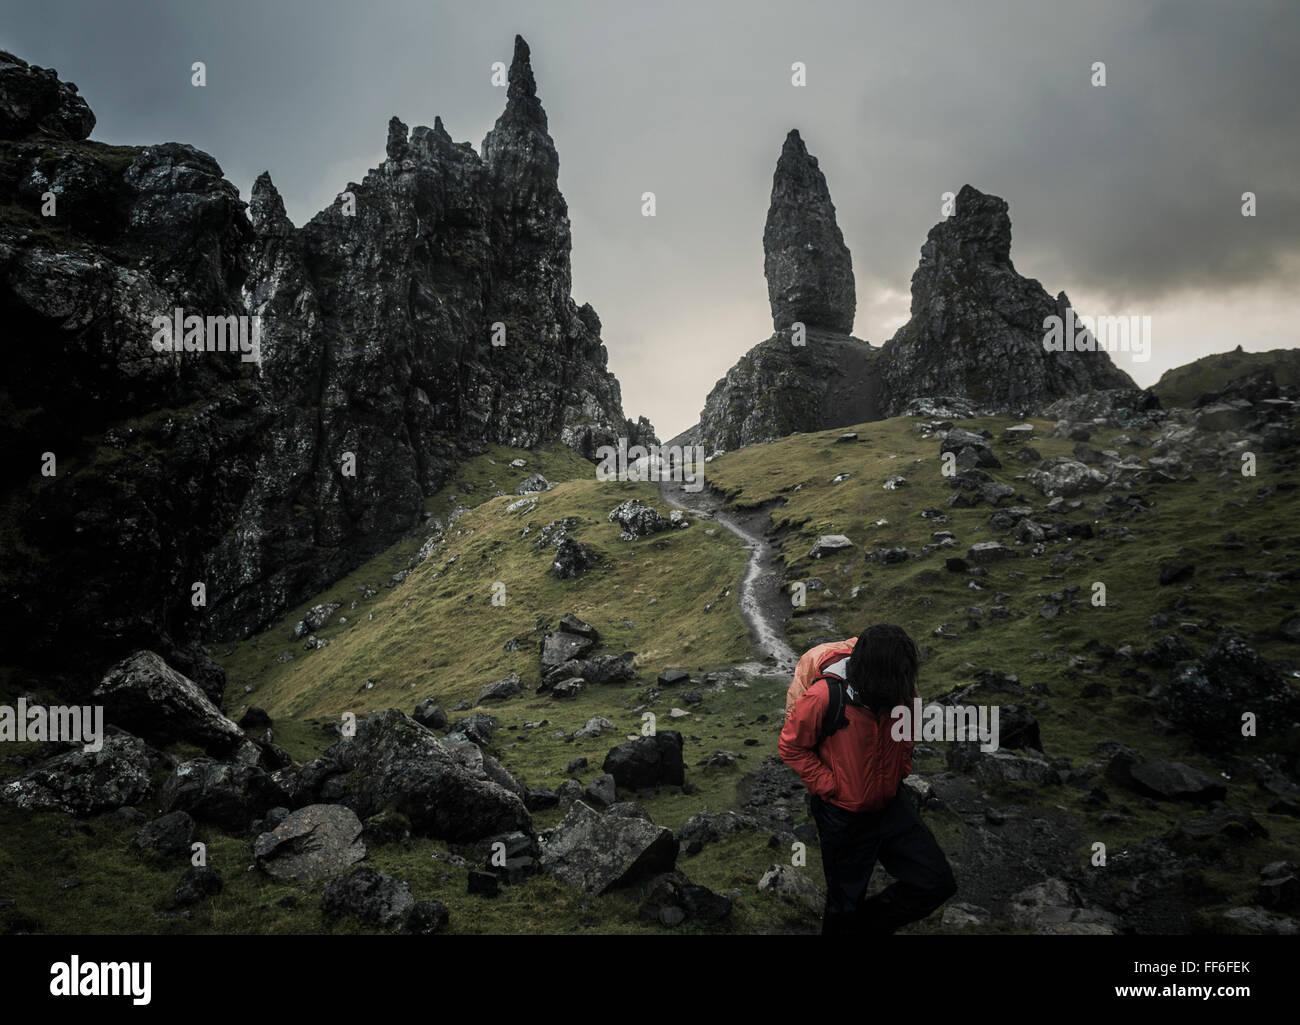 Zwei Personen mit Rucksäcken auf einem schmalen Pfad steigt zu einer dramatischen Landschaft von Felsen Zinnen Stockbild